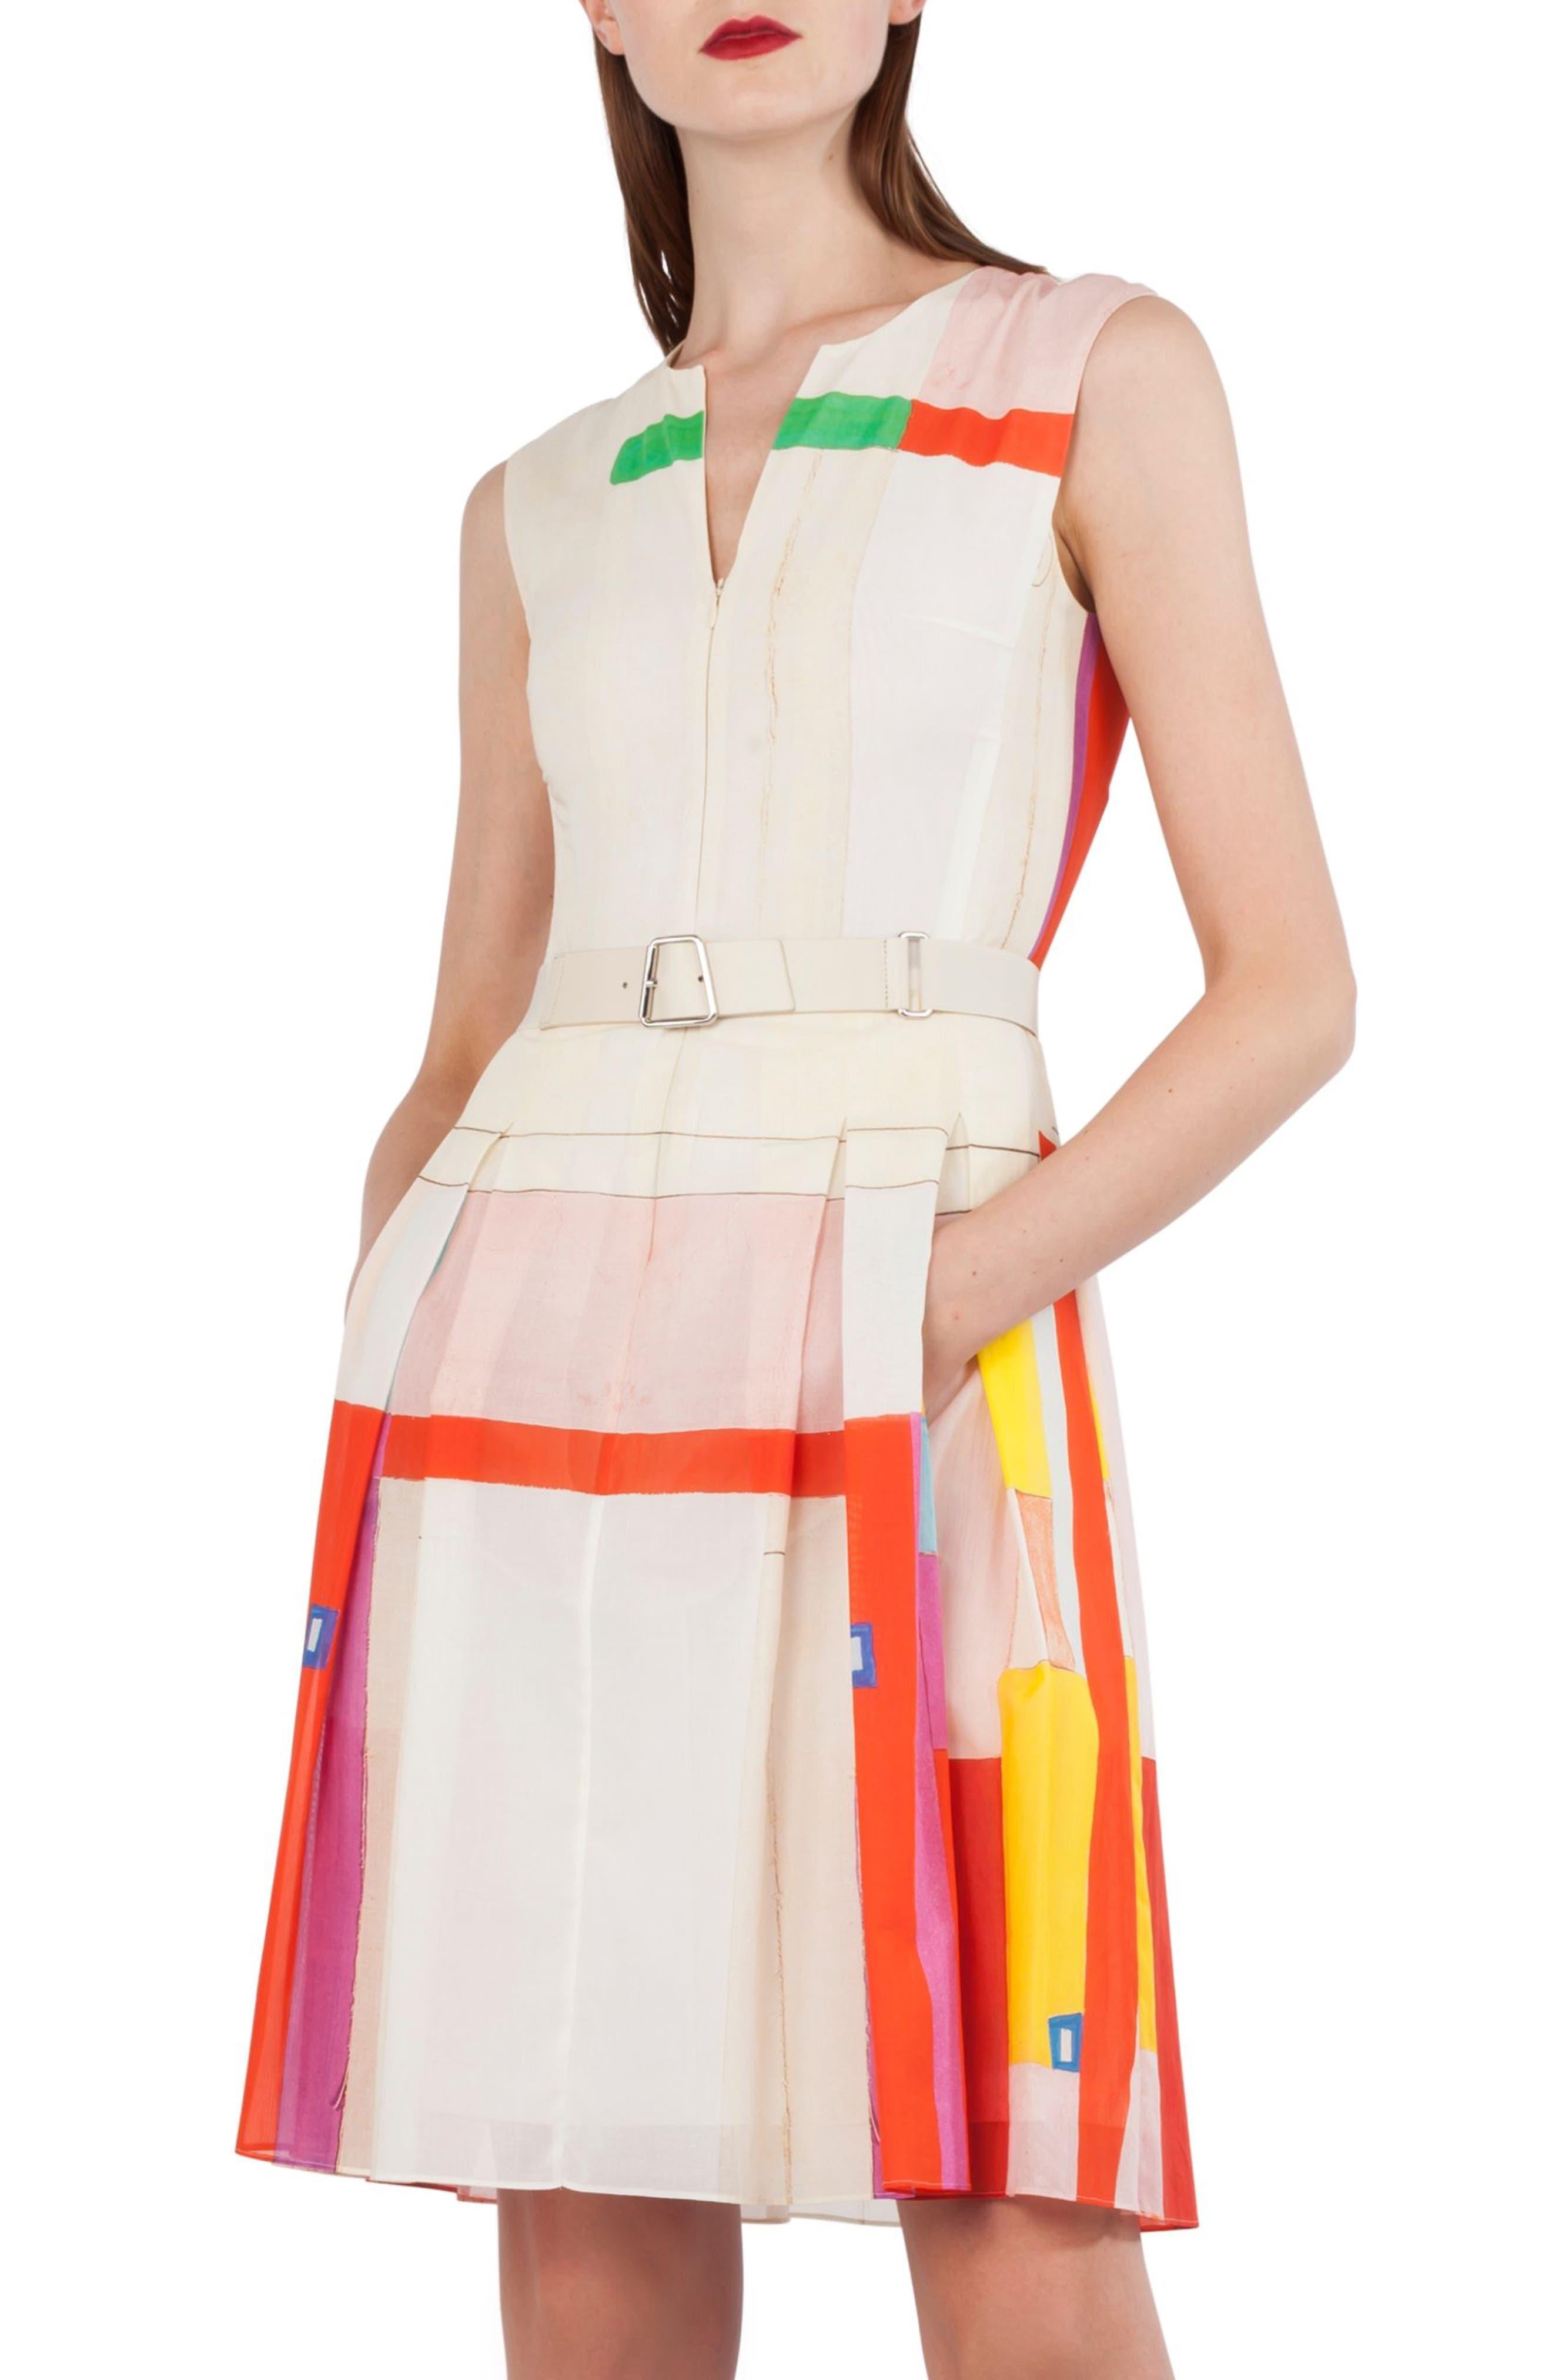 Mural Print Cotton Voile Dress,                             Main thumbnail 1, color,                             900